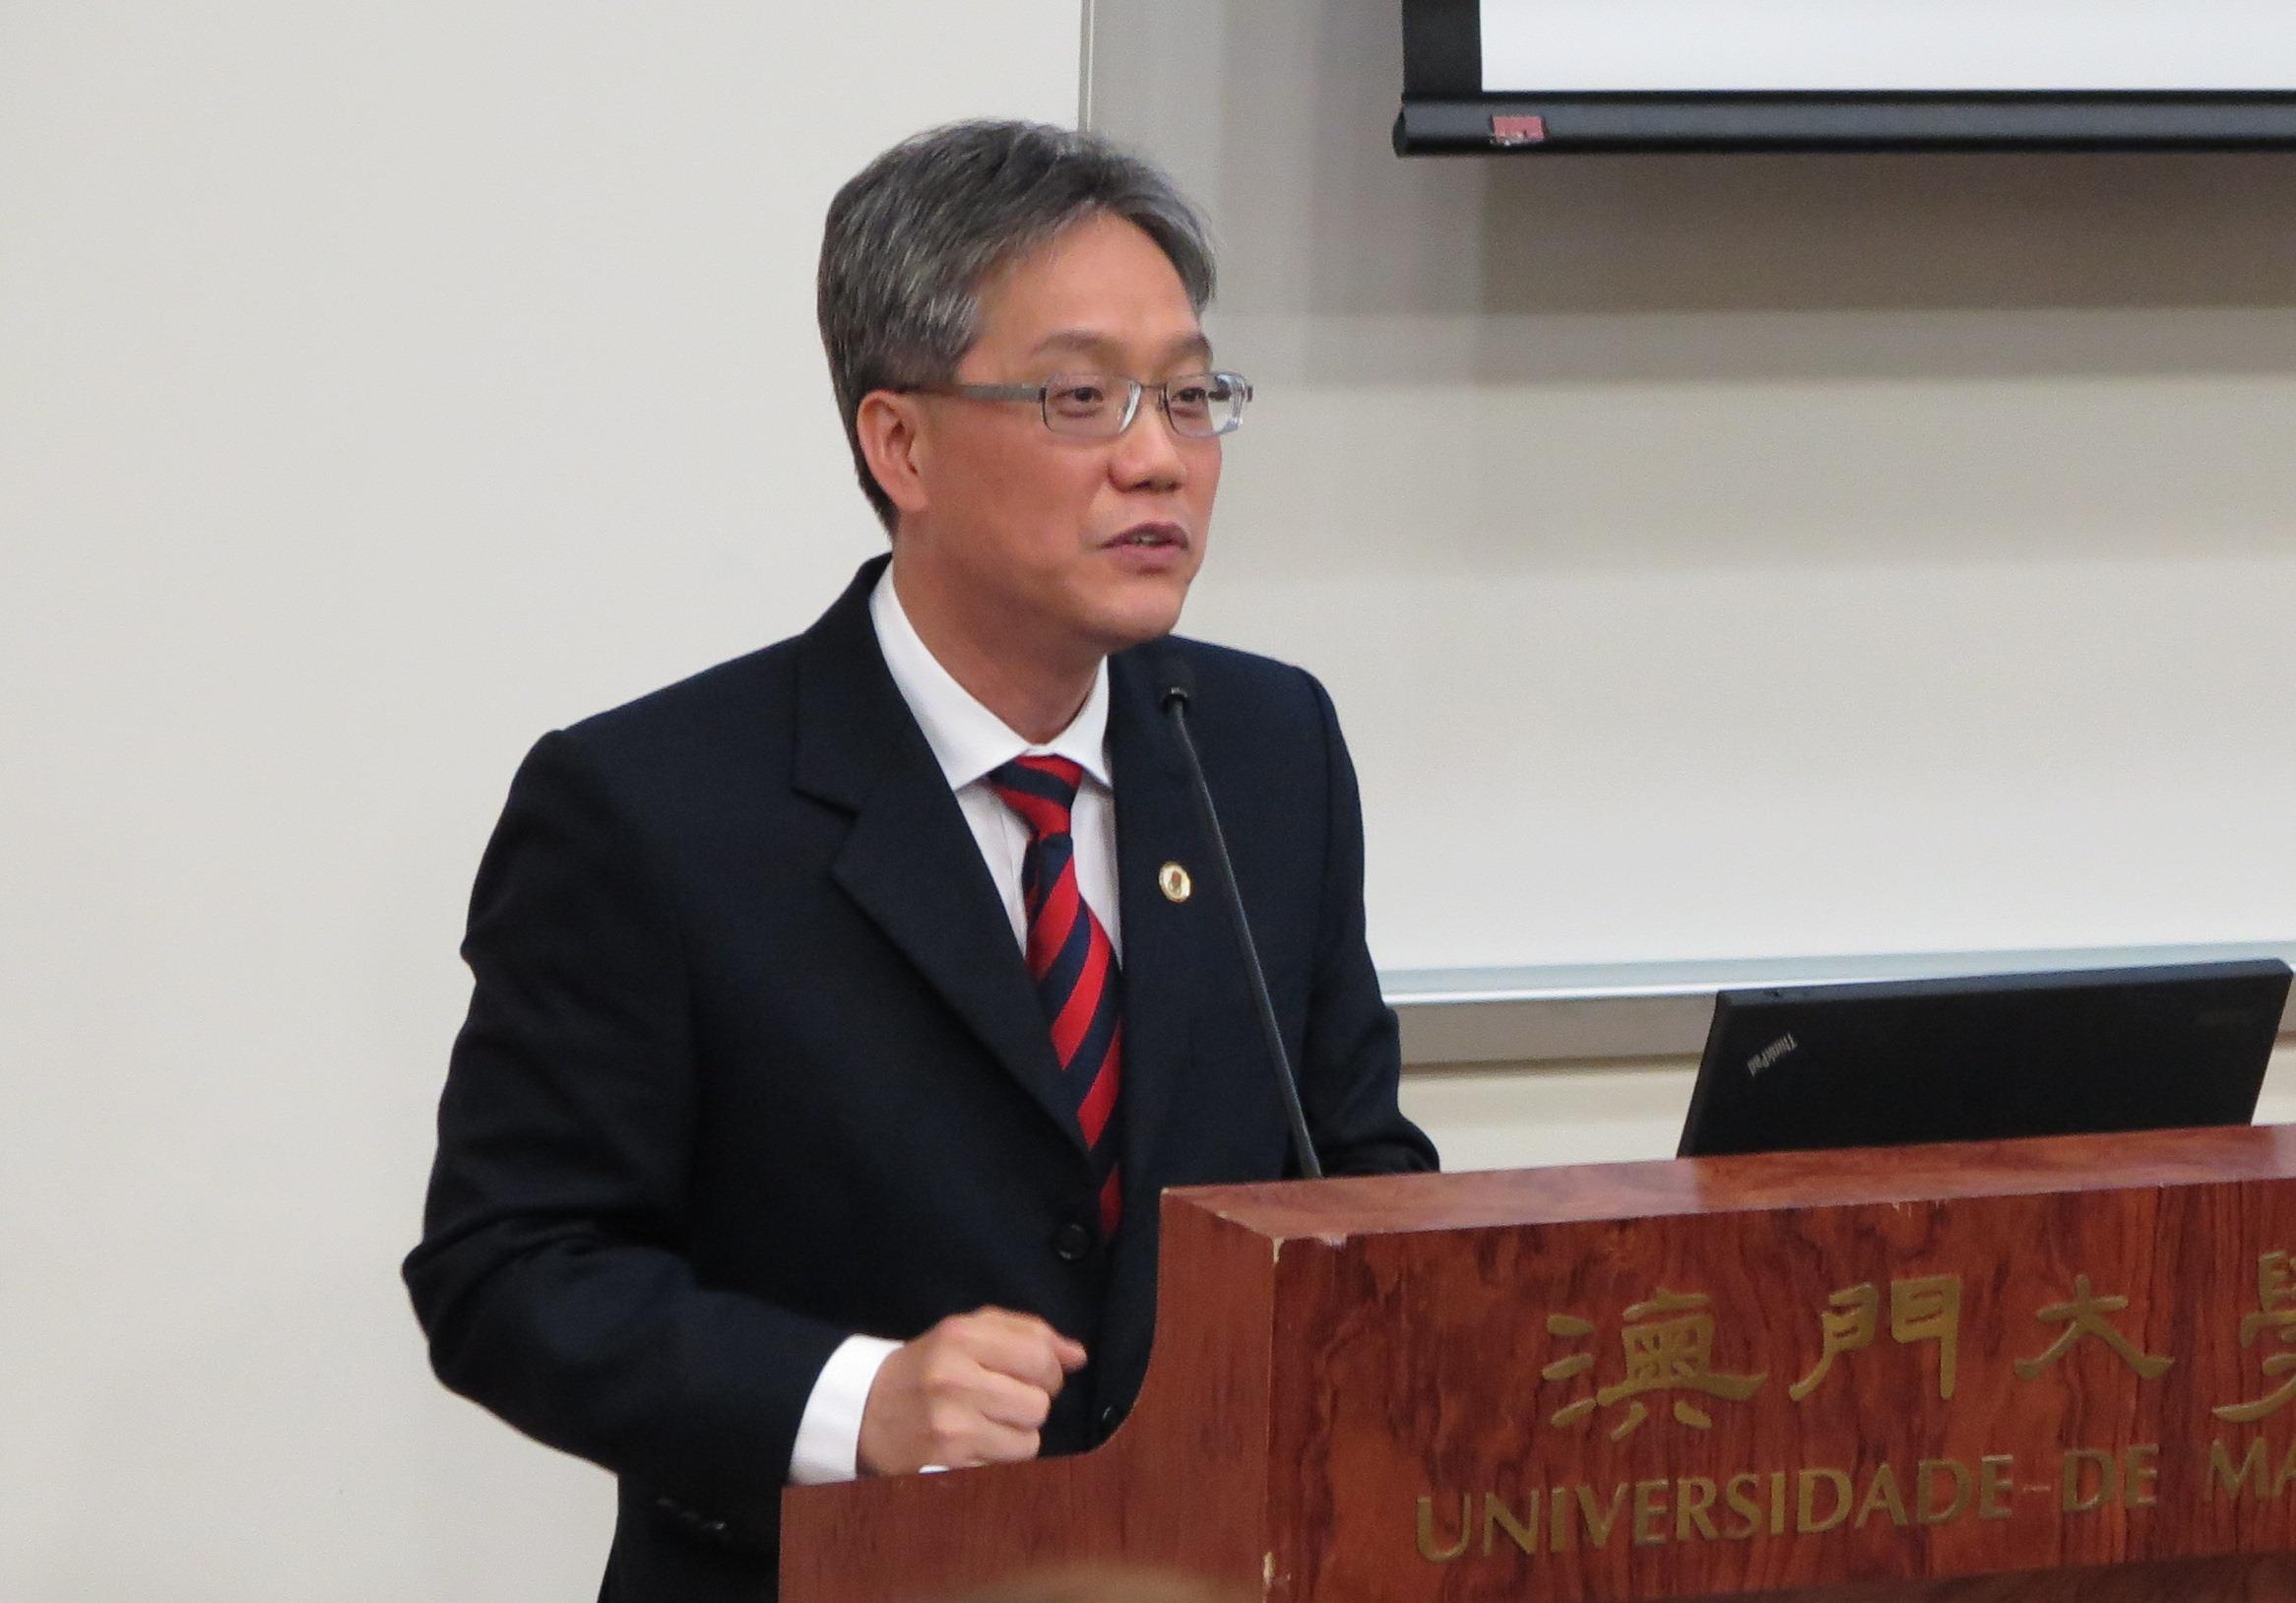 Keynote speaker Dr. Kou Kam Fai